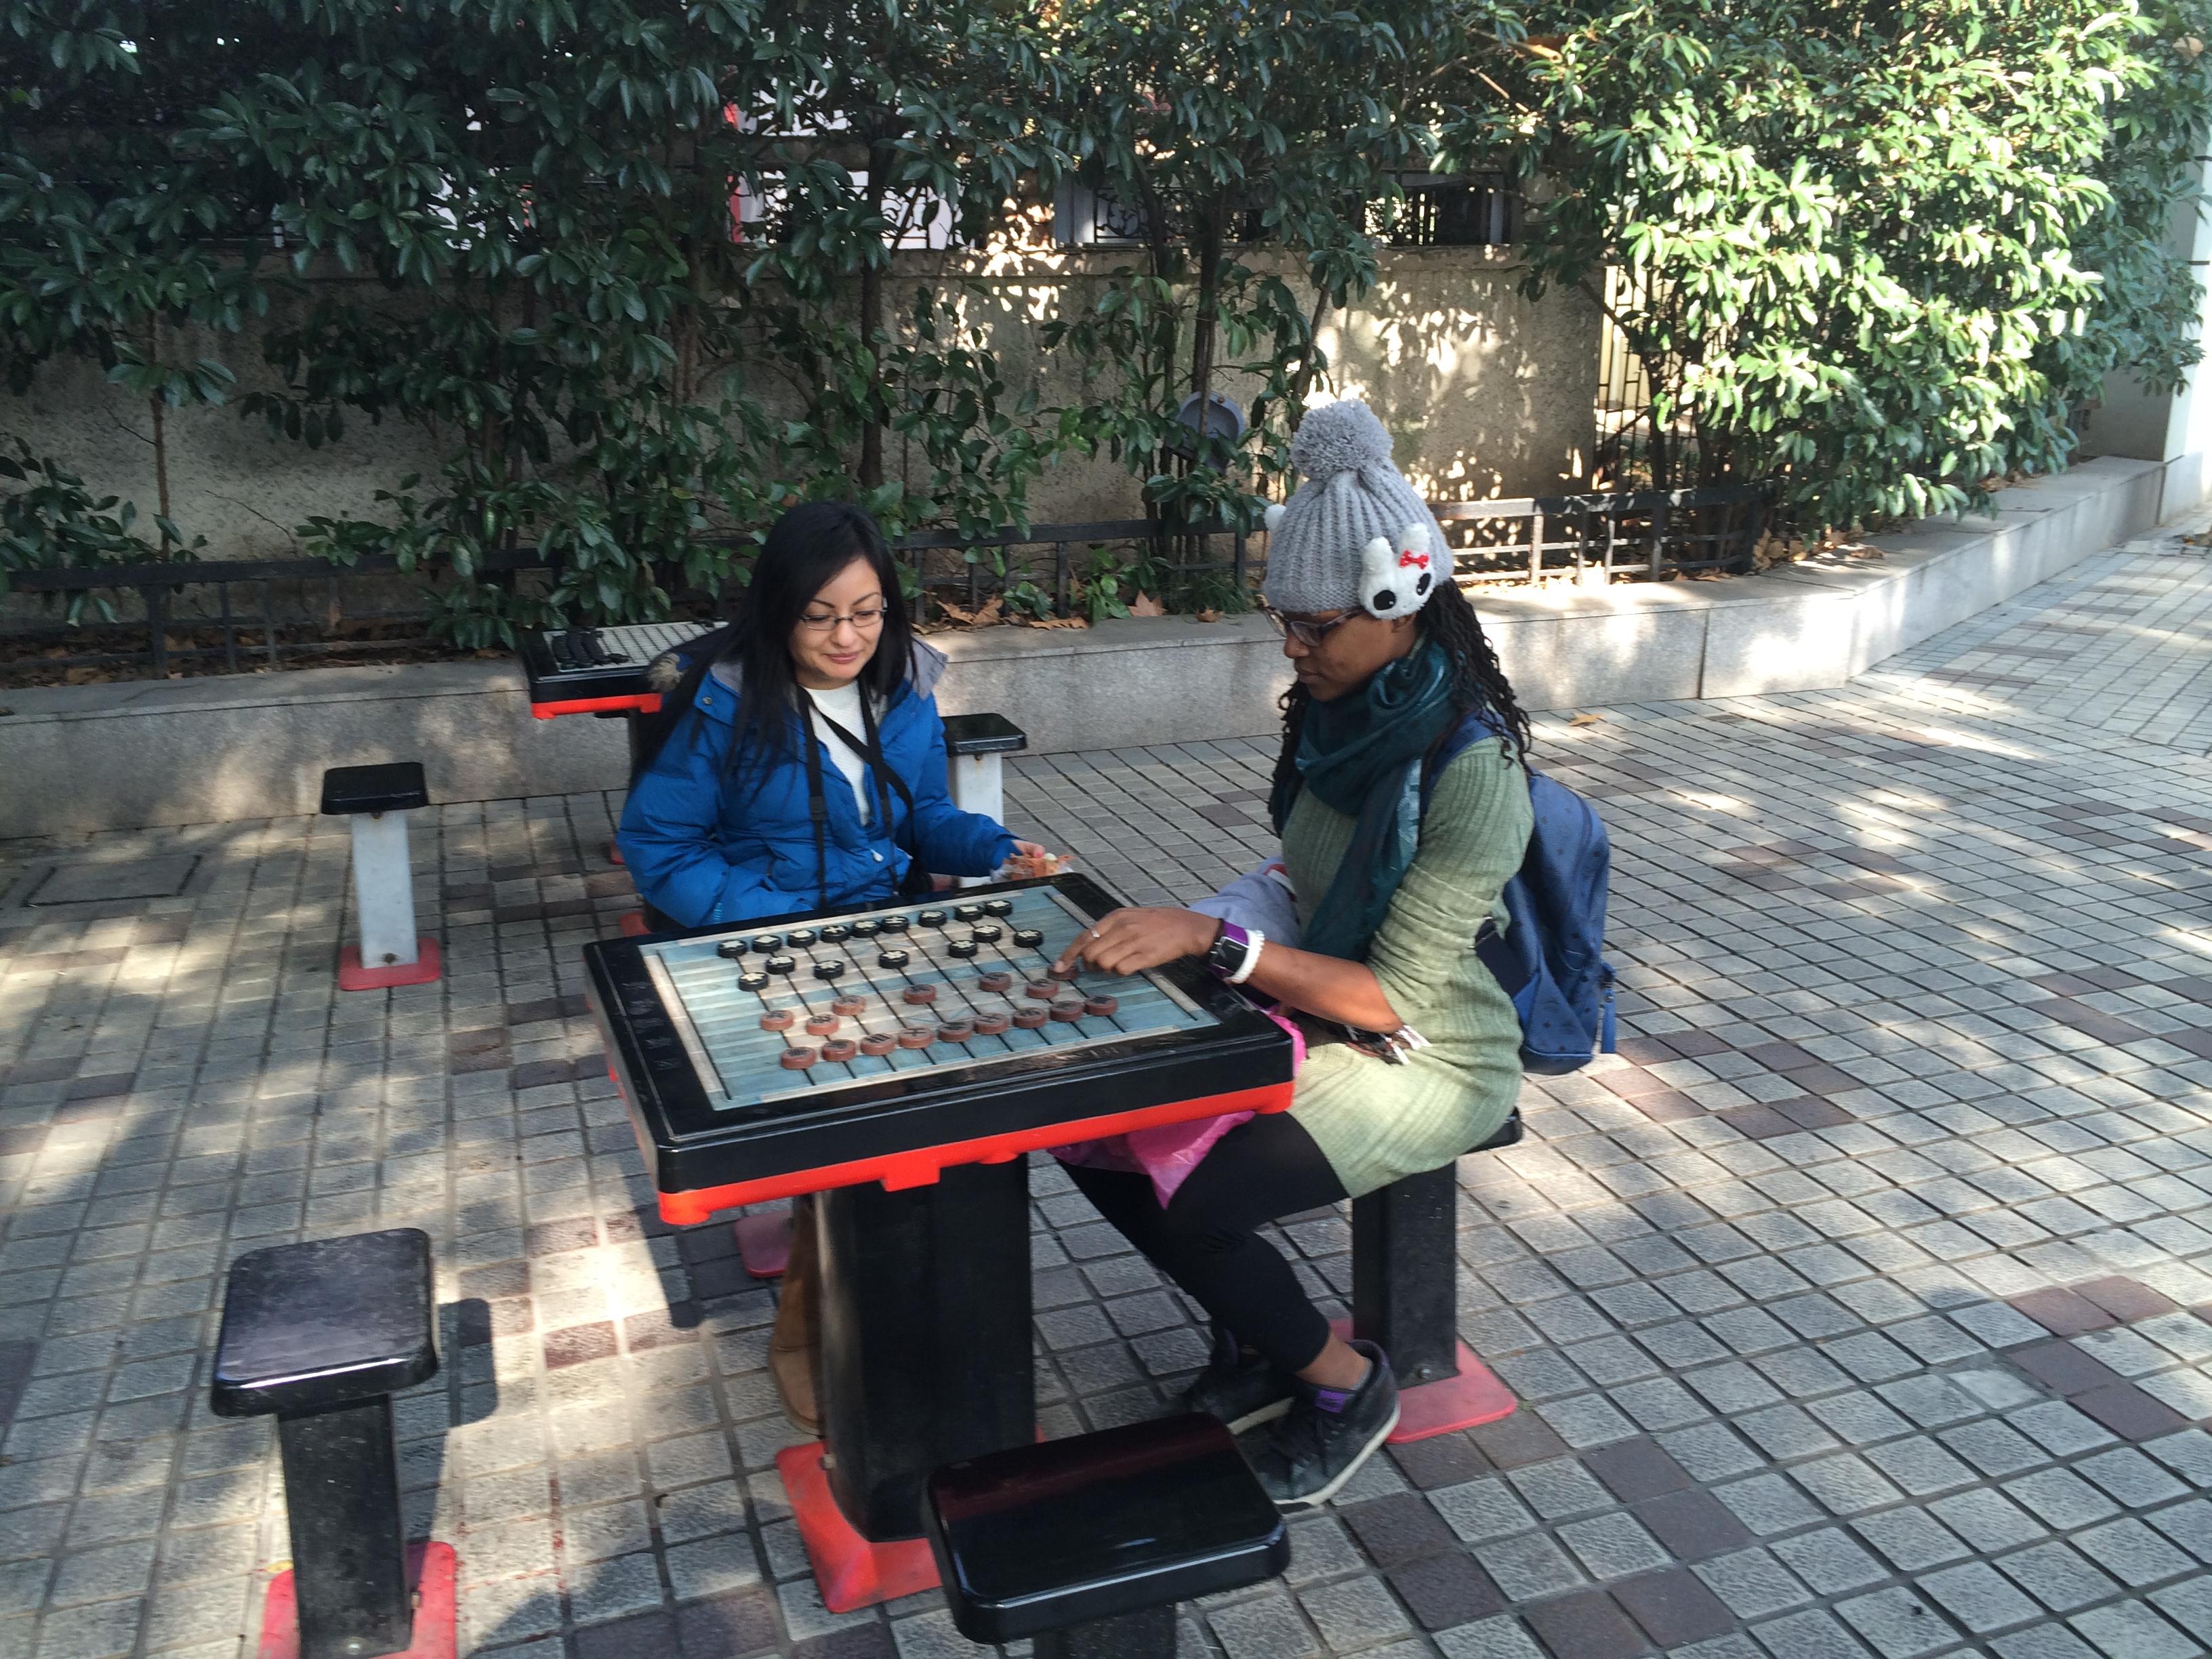 CAPAStudyAbroad_Shanghai_Spring2015_CAPAstudentswithChineseGogameinsmallShanghaipublicpark